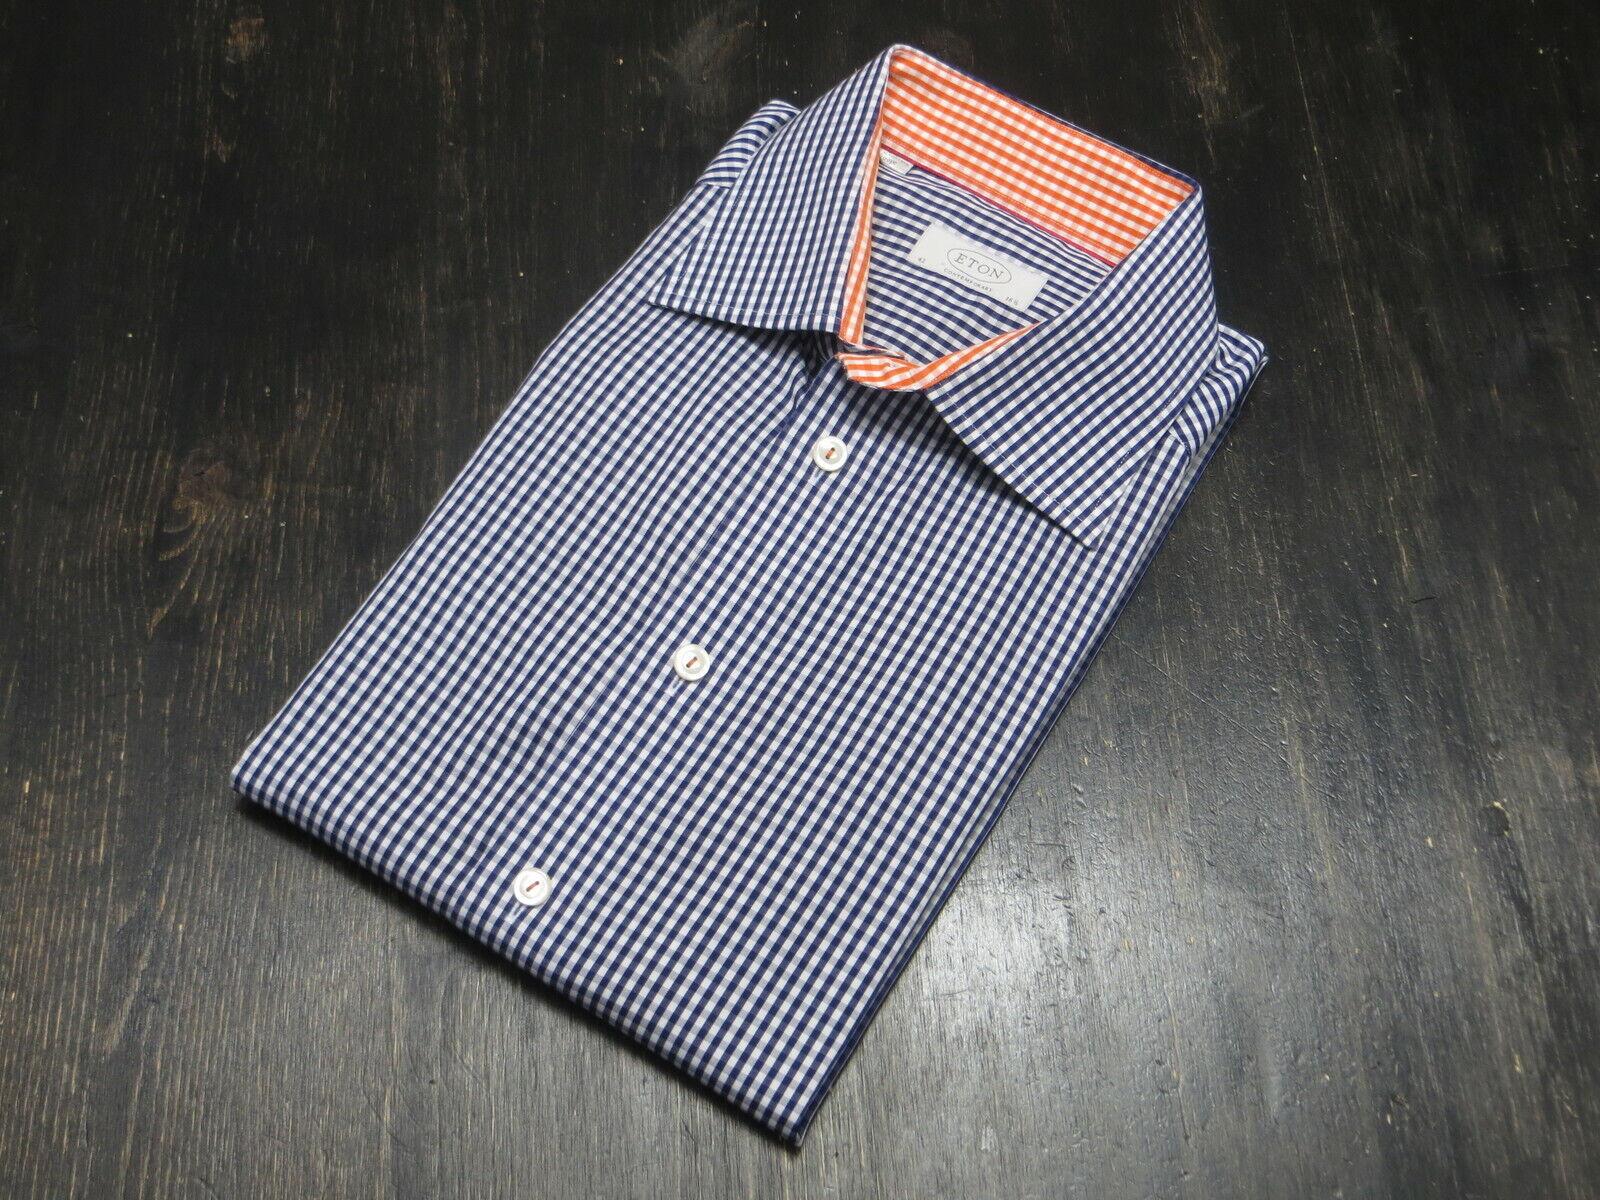 ETON of Sweden baumwolle Blau Weiß Orange Contemporary Fit plaid dress hemd 16.5